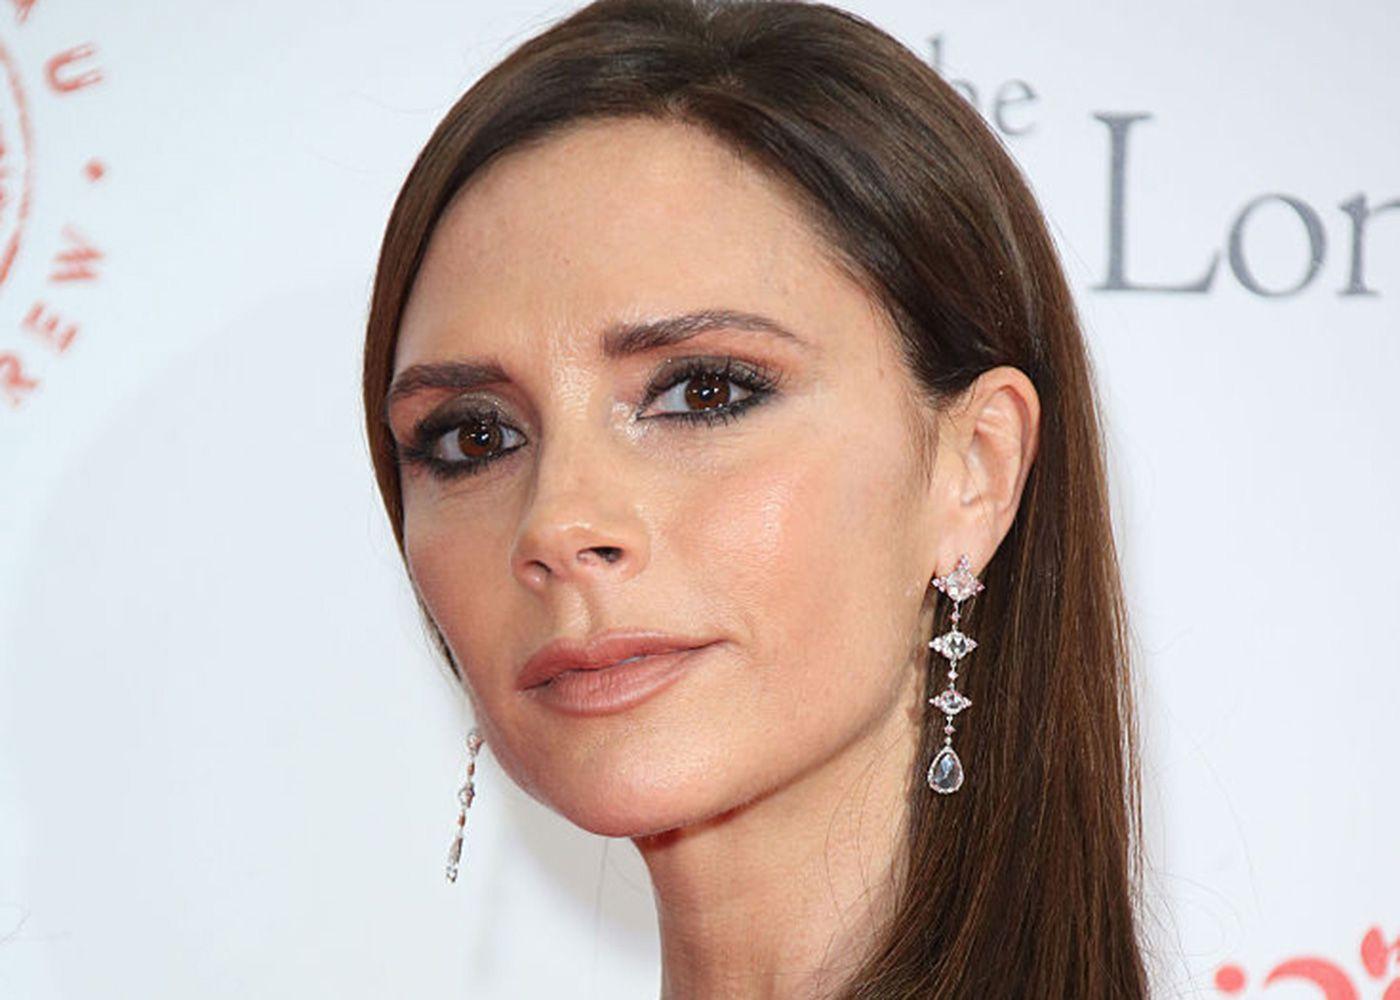 Victoria Beckham is launching a new Estée Lauder makeup